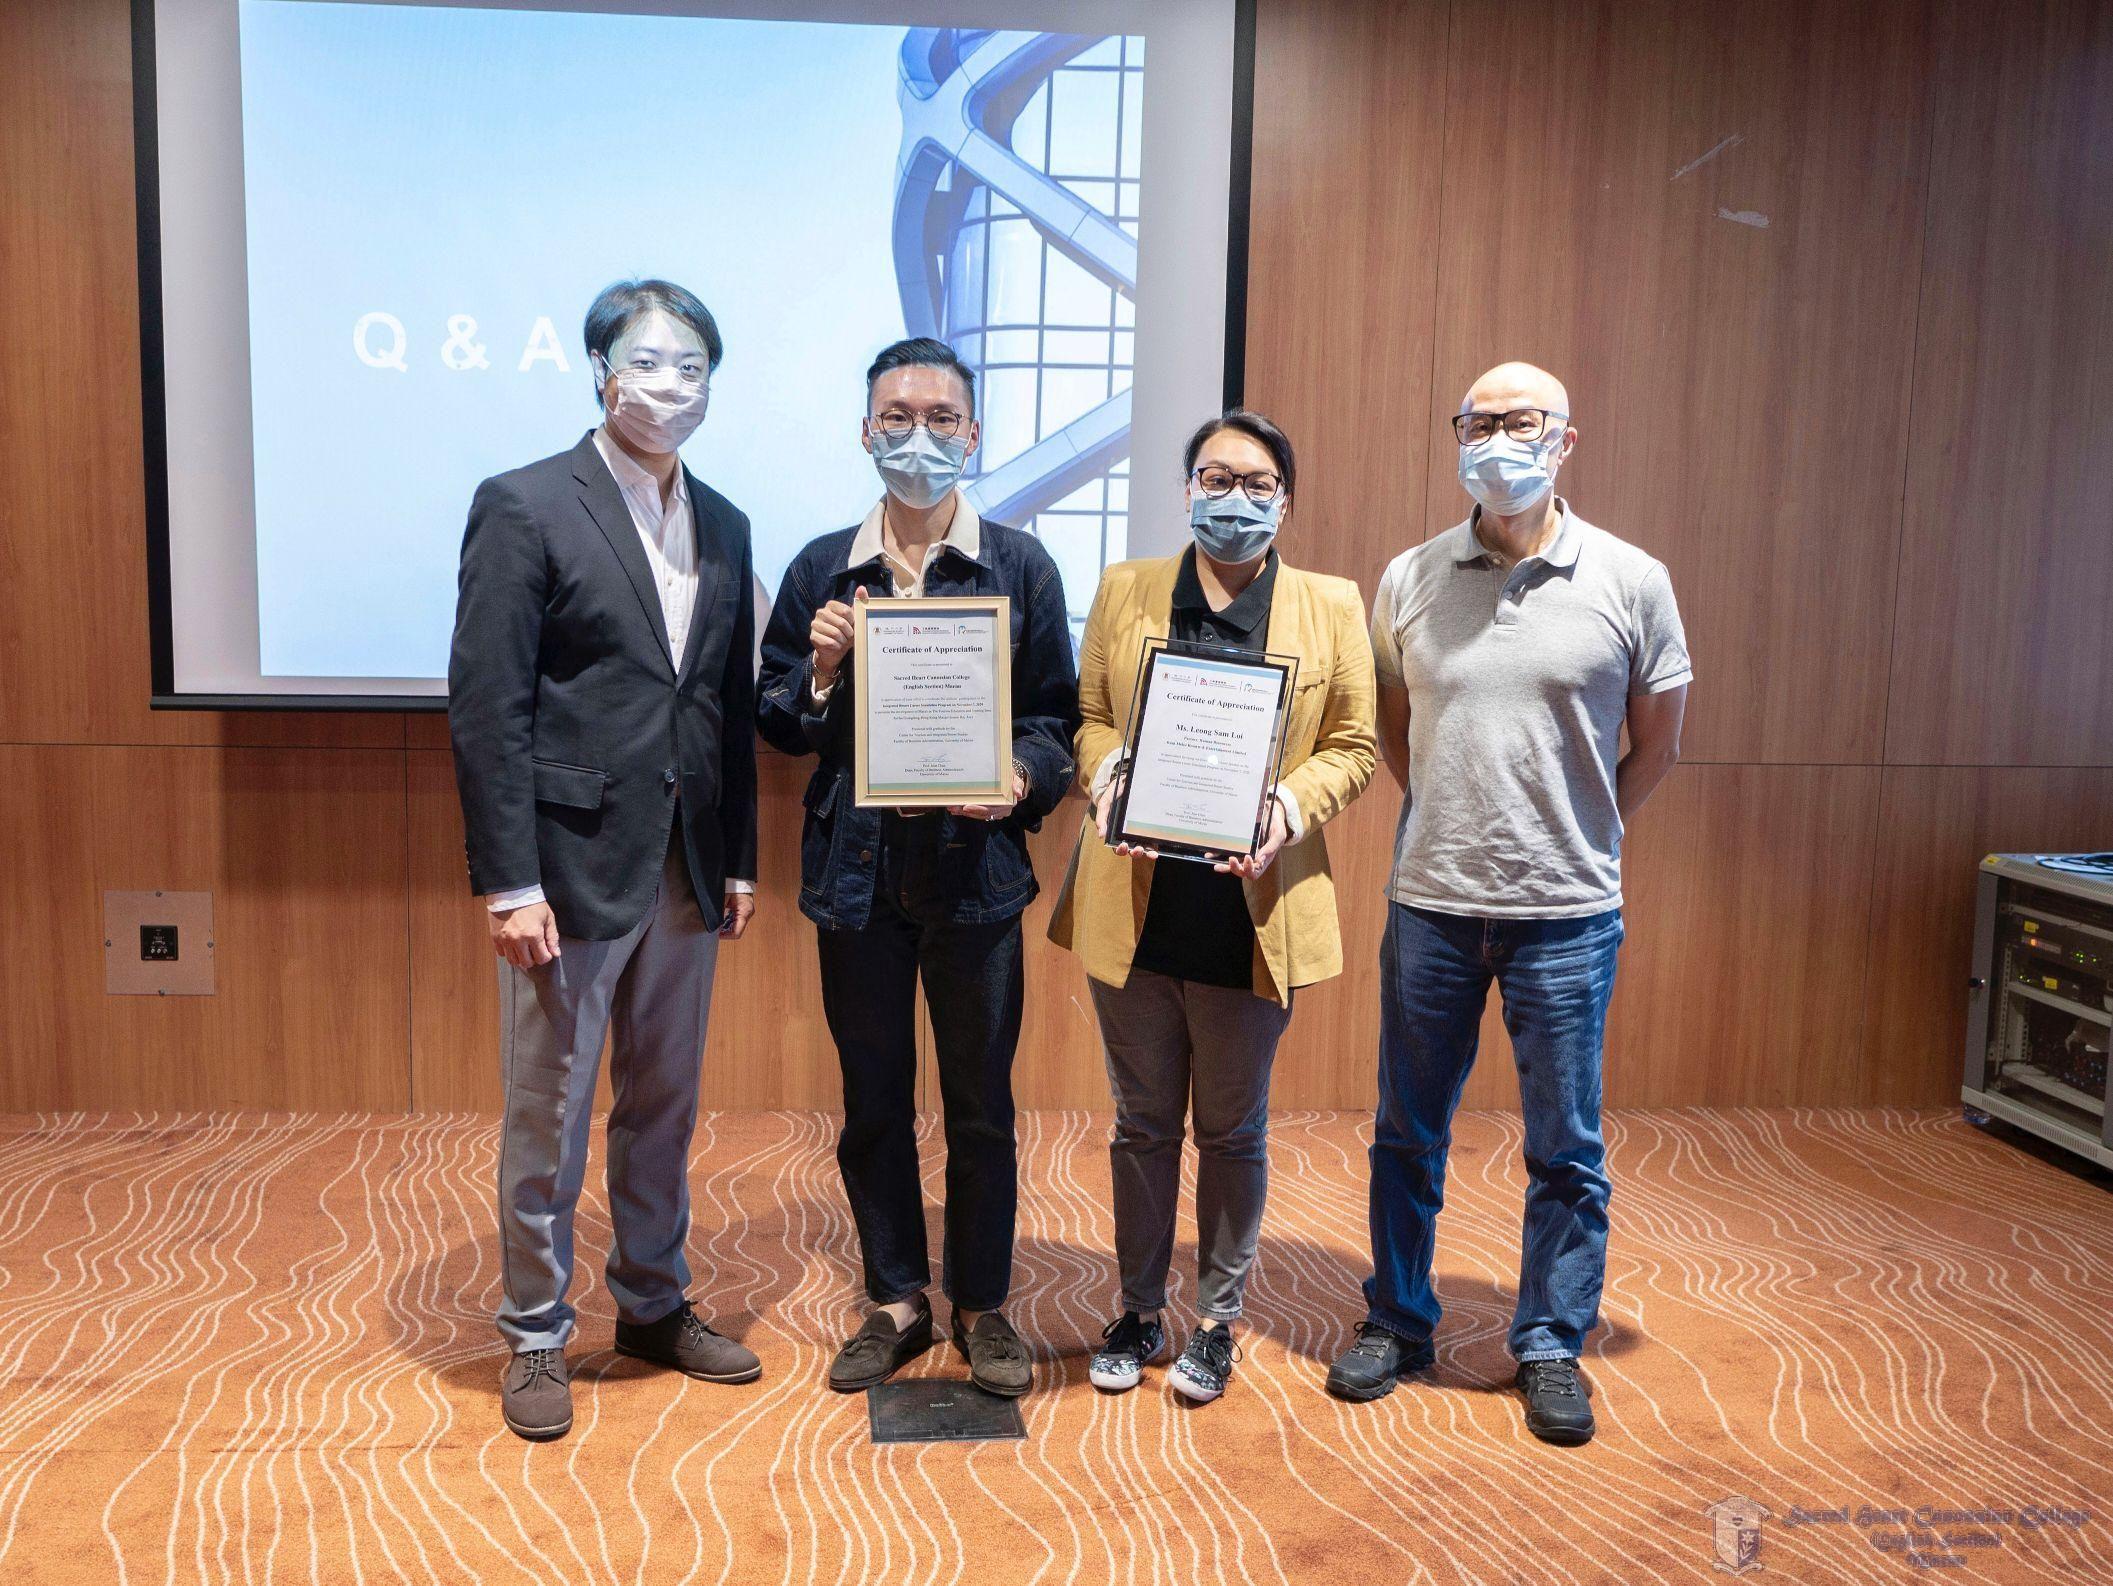 澳門大學向參加者代表及嘉賓頒發感謝狀